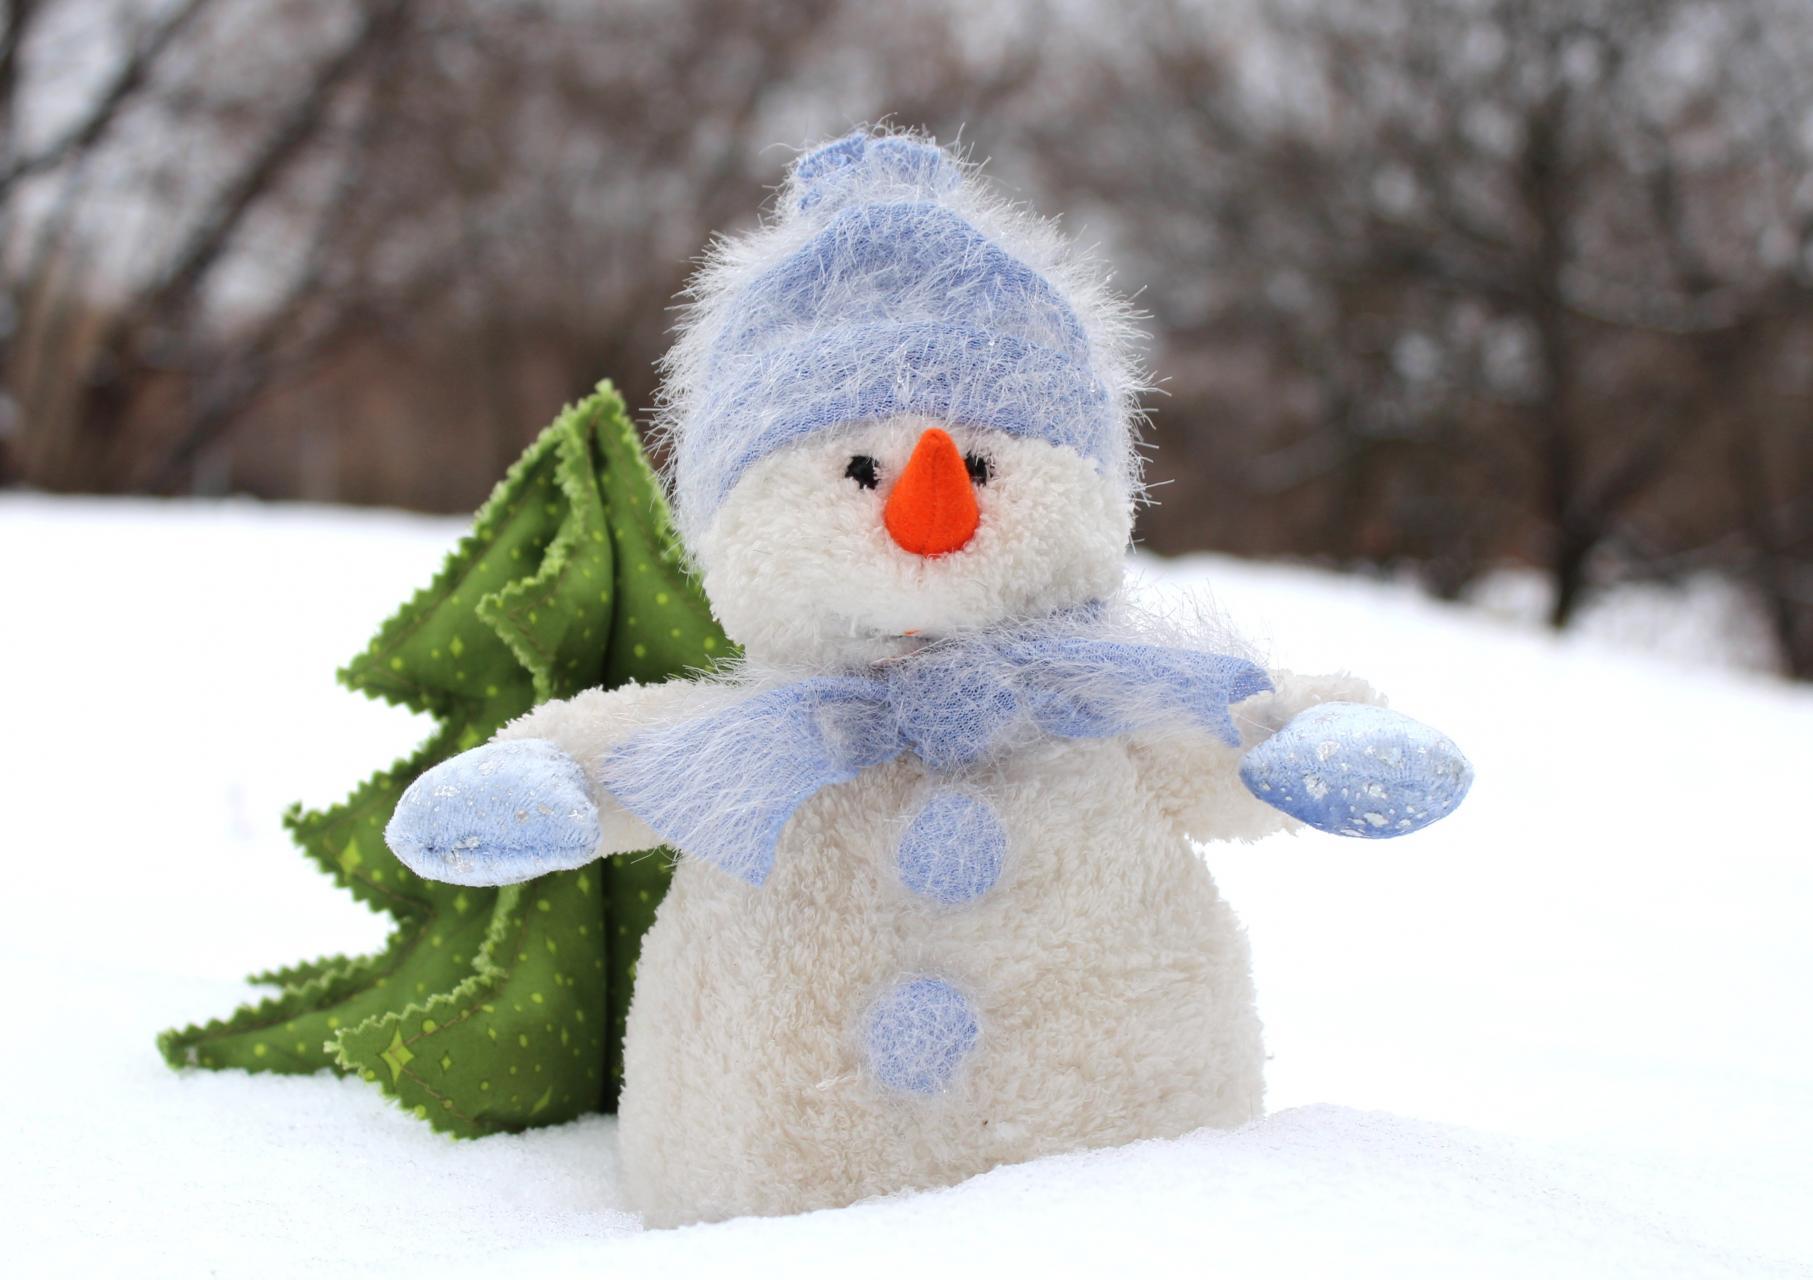 imagenes-de-munecos-de-nieve-para-fondo-de-pantalla